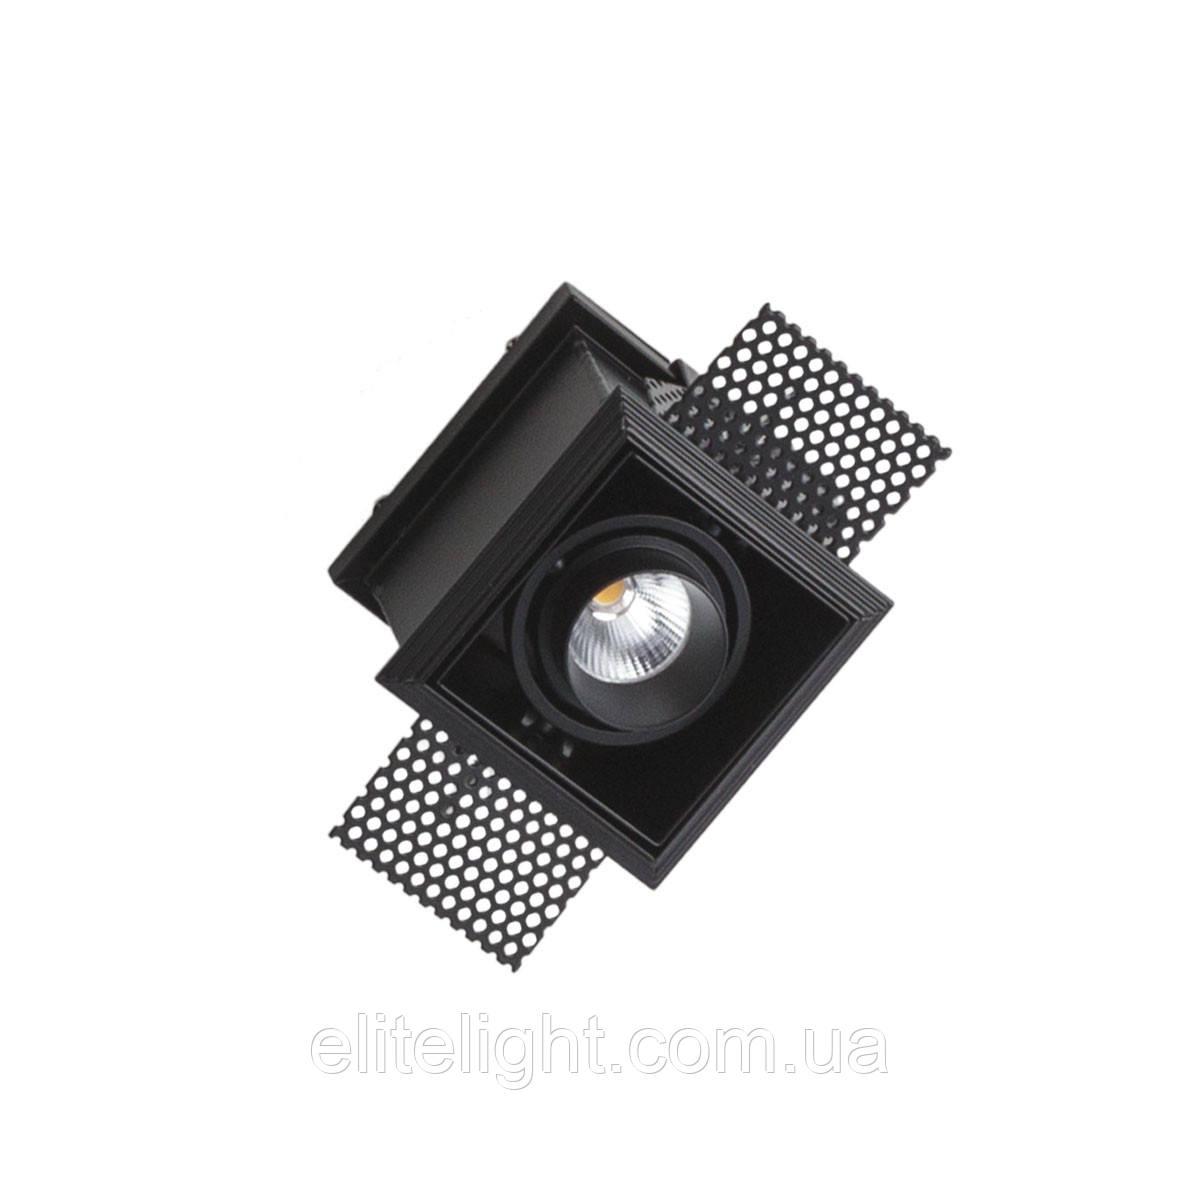 Точечный светильник Arelux XHYDE SISTEM INCASTRAT